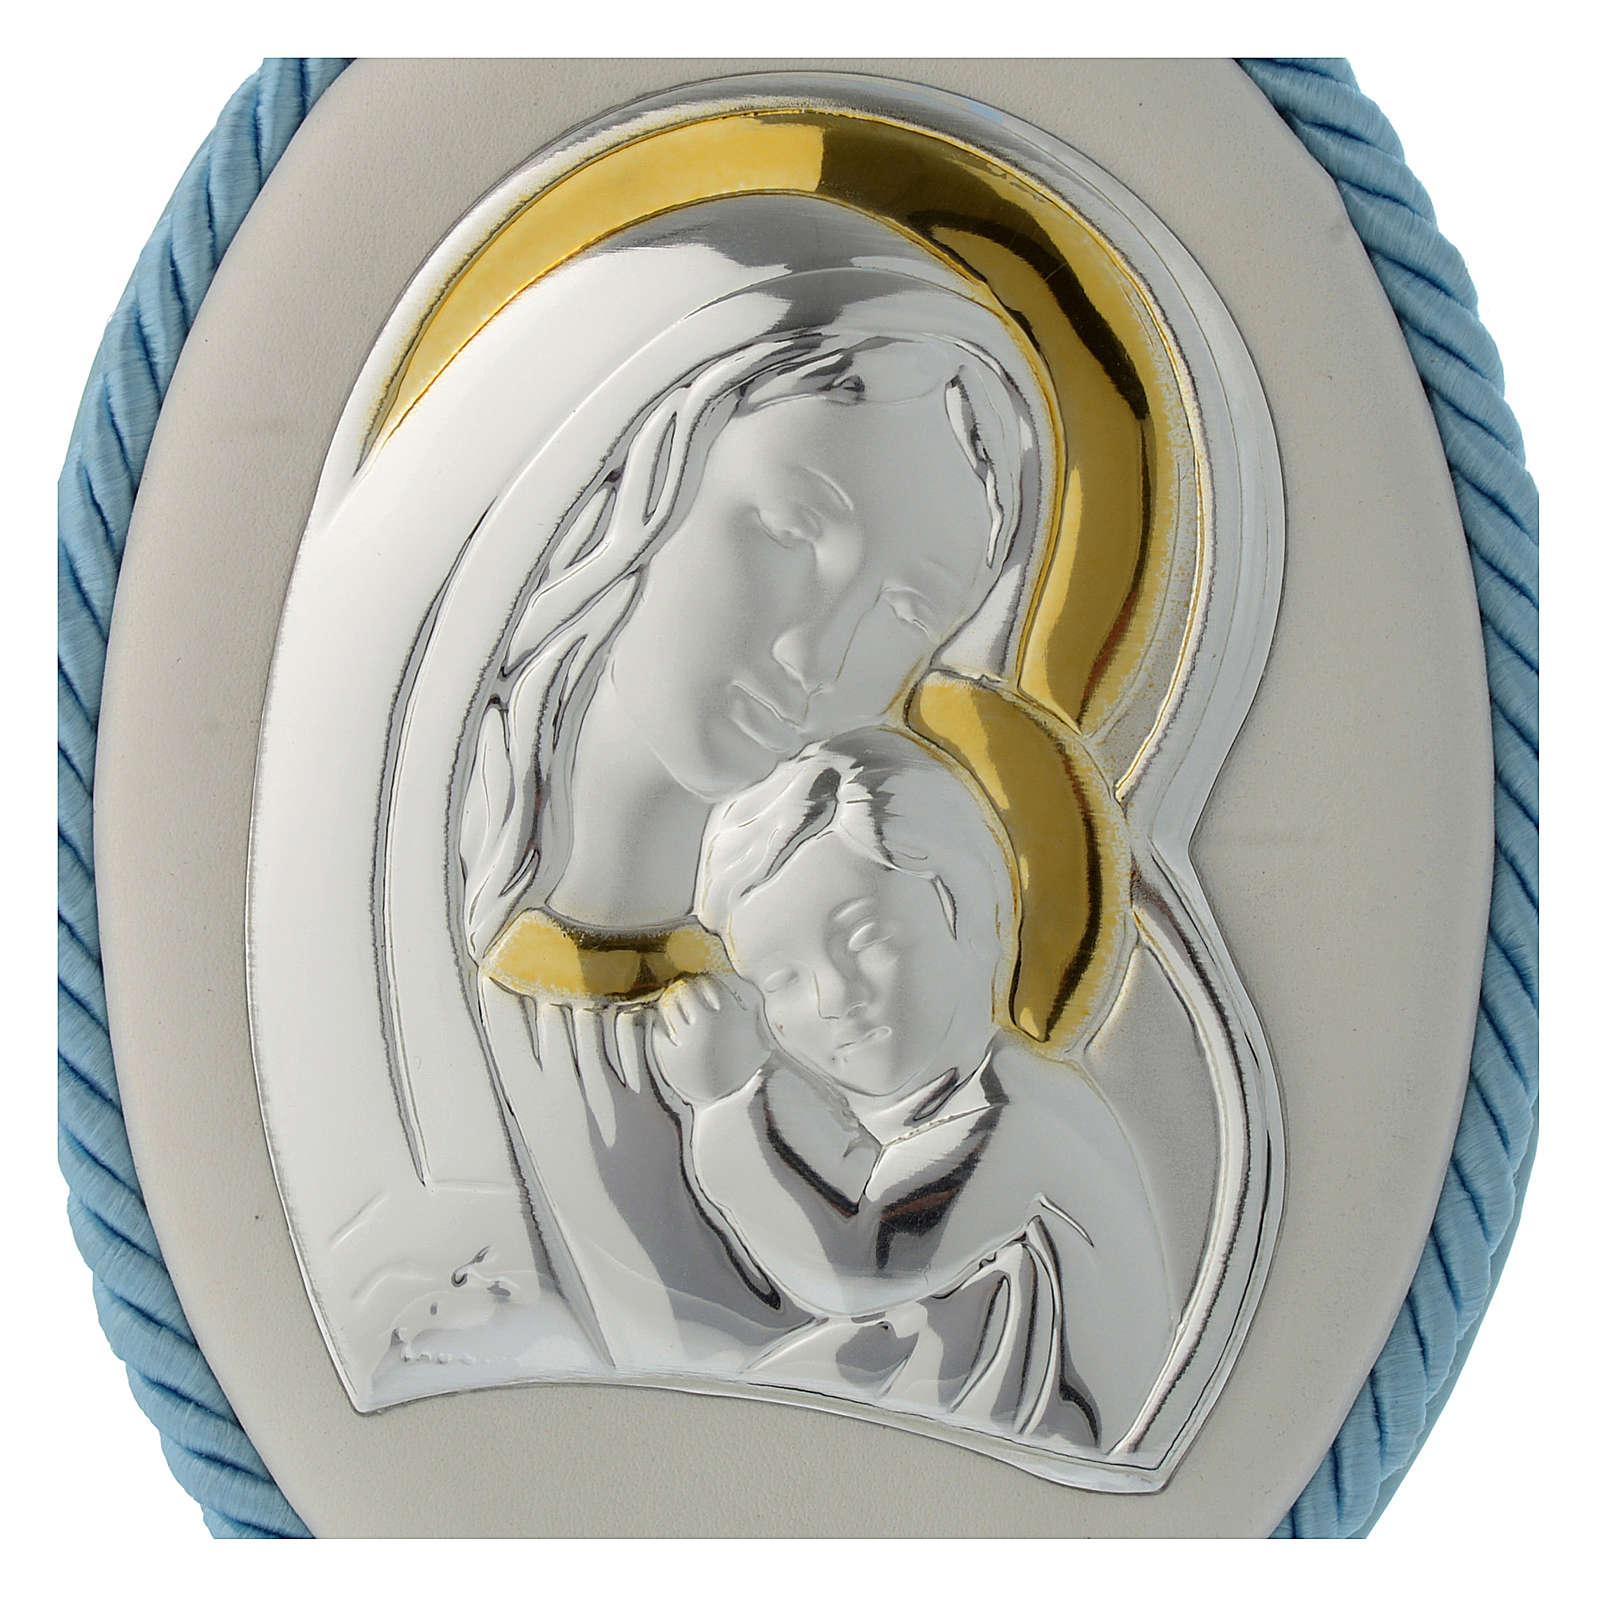 Capoculla azzurro con Madonna e Bambino, carillon 4